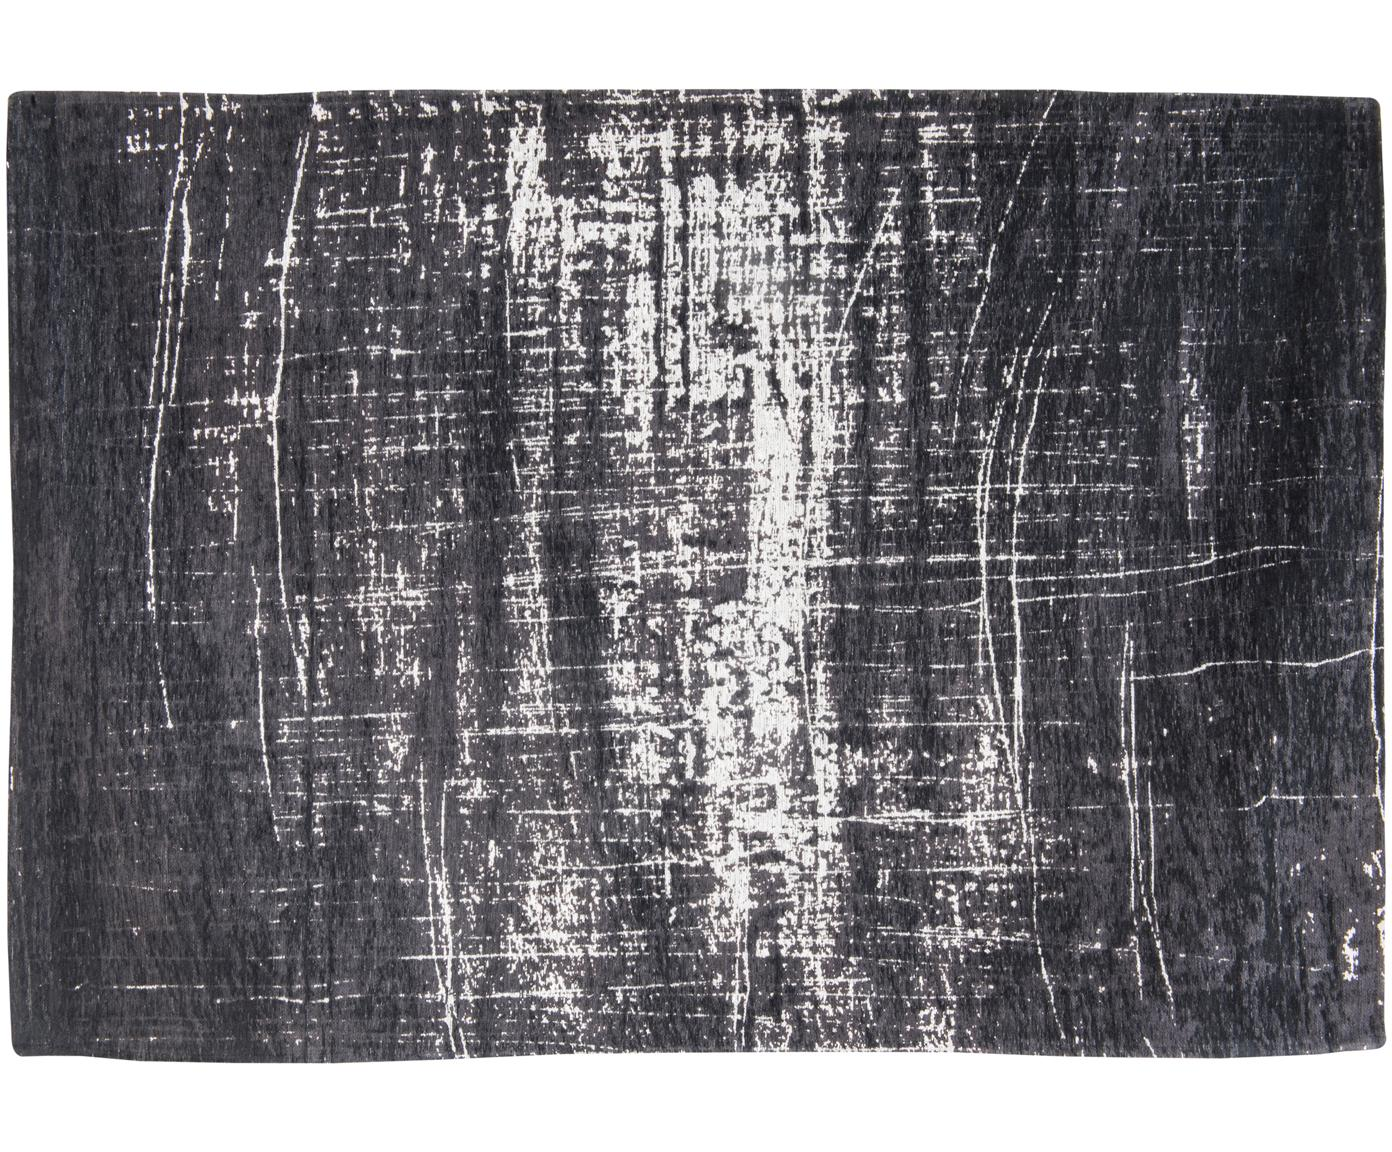 Klein vloerkleed Griff, Bovenzijde: 85%katoen, 15%hoogglanz, Weeftechniek: jacquard, Onderzijde: katoenmix, gecoat met lat, Wit, zwart, 80 x 150 cm